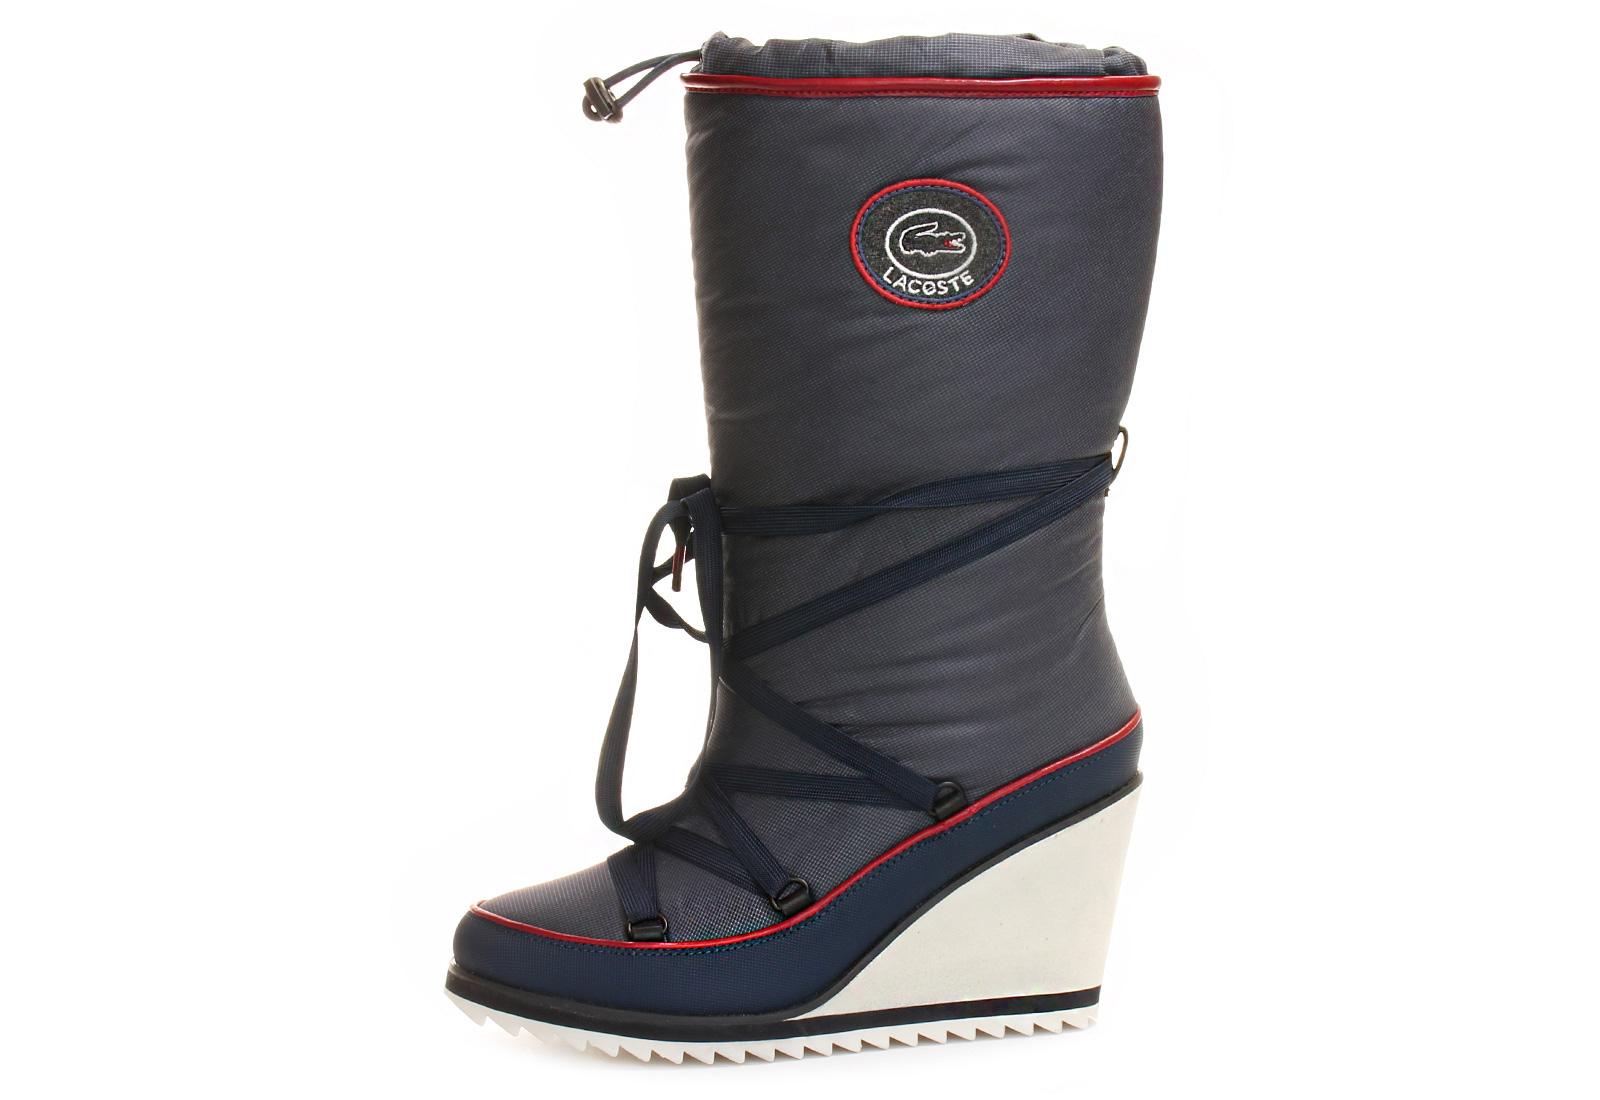 bb698d3e45dc5 Lacoste Boots - Aubina - 133srw0127-120 - Online shop for sneakers ...